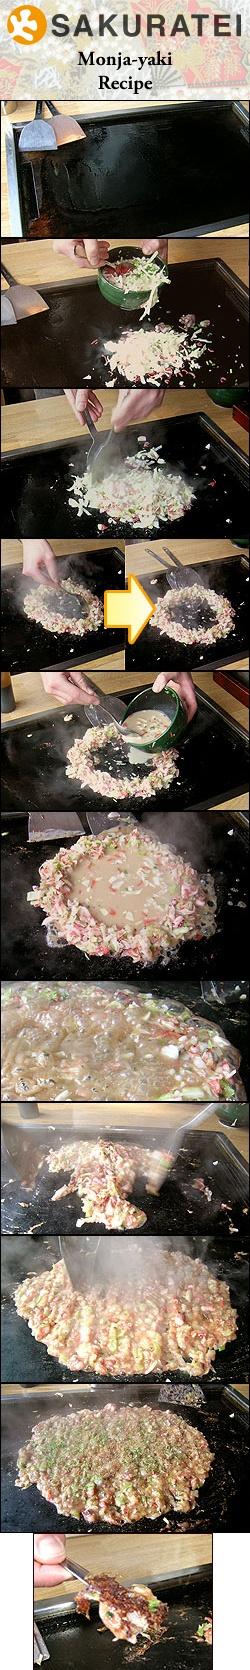 1.もんじゃのたねを残しつつ、 具とキャベツを鉄板にのせて、炒めます。2.この時、キャベツを切りながら炒めます。 具材に火が通り、キャベツがしんなりしてきたら、土手を作ります。3.いよいよ、「もんじゃのたね」の出番です! まず、もんじゃのたね(汁)に、味付けとしてウスターソースを入れます。 4.味付けが終わったら、土手の中に「もんじゃのたね」を流し込みます。 土手が決壊しないよう、慎重にいれます。5.もんじゃのたねを全て流し終わると、こうなります。あとは、たねがぐつぐつと煮え、ドロドロしてくるまで待ちます。(約4~5分)6.左写真のように、ドロドロしてくると色が白っぽい色から透明な色へと変わってきているのが分かります。ここまで来たら完成間近!次のステップへ!7.突然ですがいっぺんに手早く混ぜます! とにかく混ぜる!激しく混ぜたら、うすく伸ばします。8.あとはお好みで七味、青のりをかけて、おいしいもんじゃ焼き、完成!9.意外と、「はがしを使って食べる」習慣が無いのでお箸で食べちゃう方もいらっしゃいますが、ここはもんじゃらしく「剥がして食べる」を味わってみましょう。